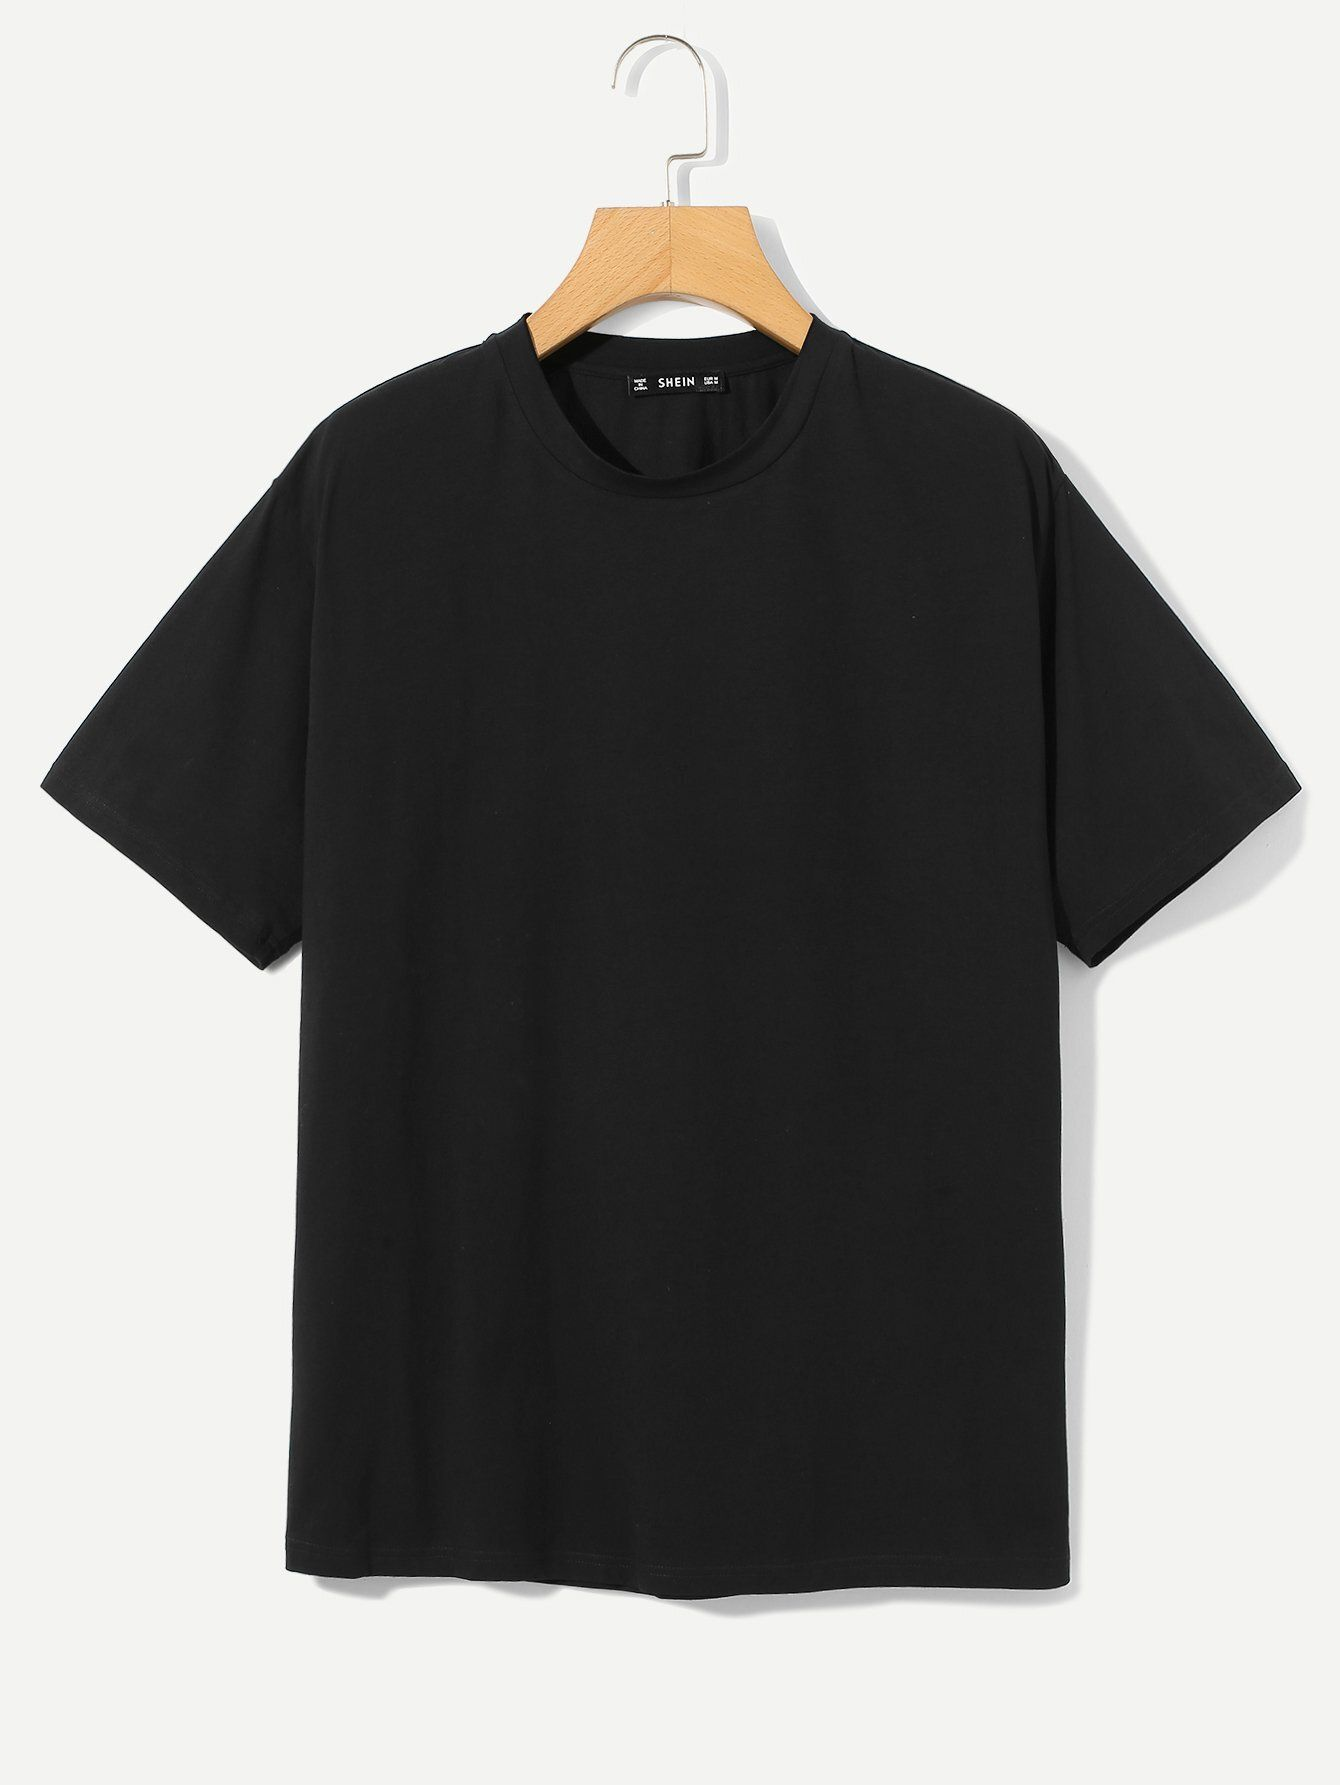 Camiseta Solida De Manga Corta Shein Usa Pakaian Pria Model Pakaian Pria Baju Kaos